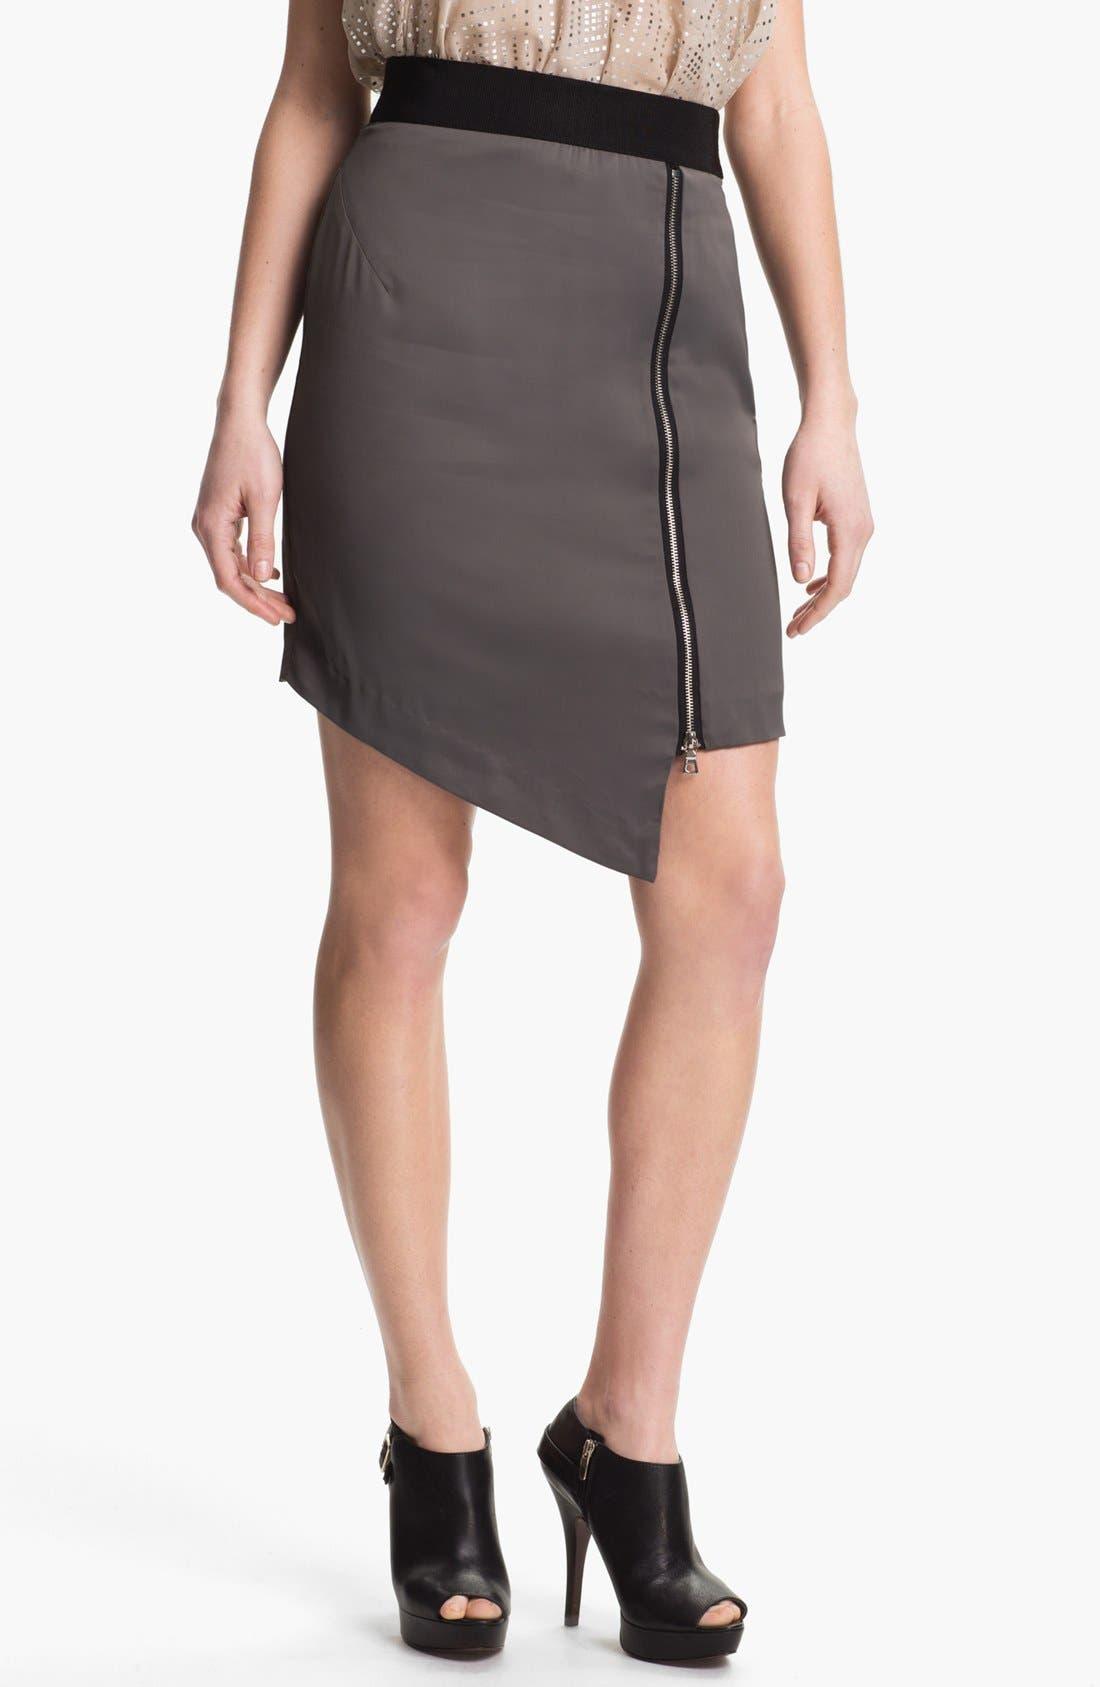 Alternate Image 1 Selected - Milly 'Barcelona' Zip Skirt